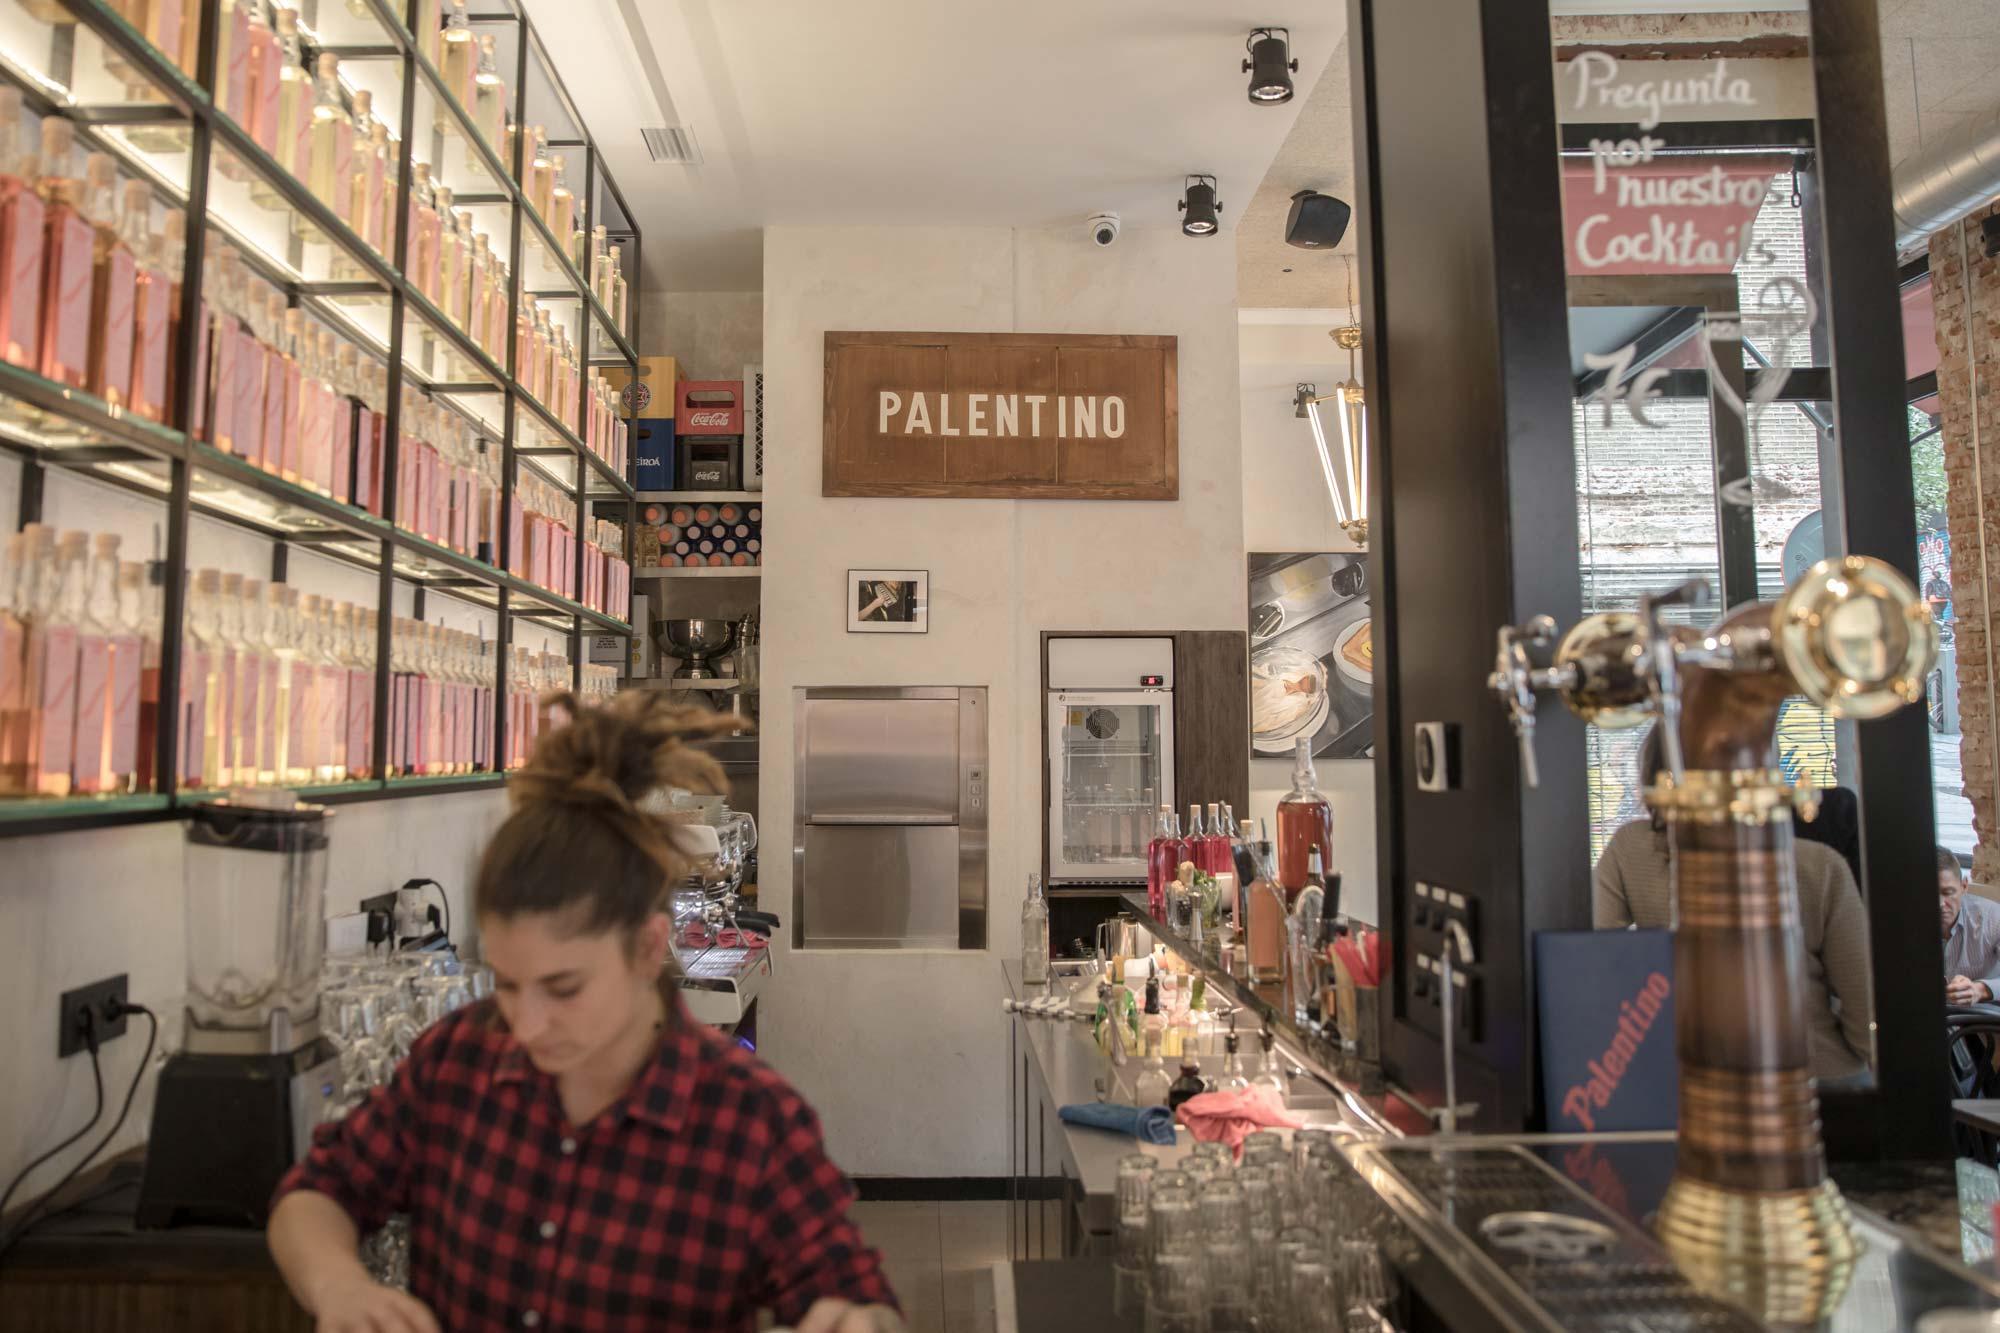 Camarera en el bar del 'Palentino'.